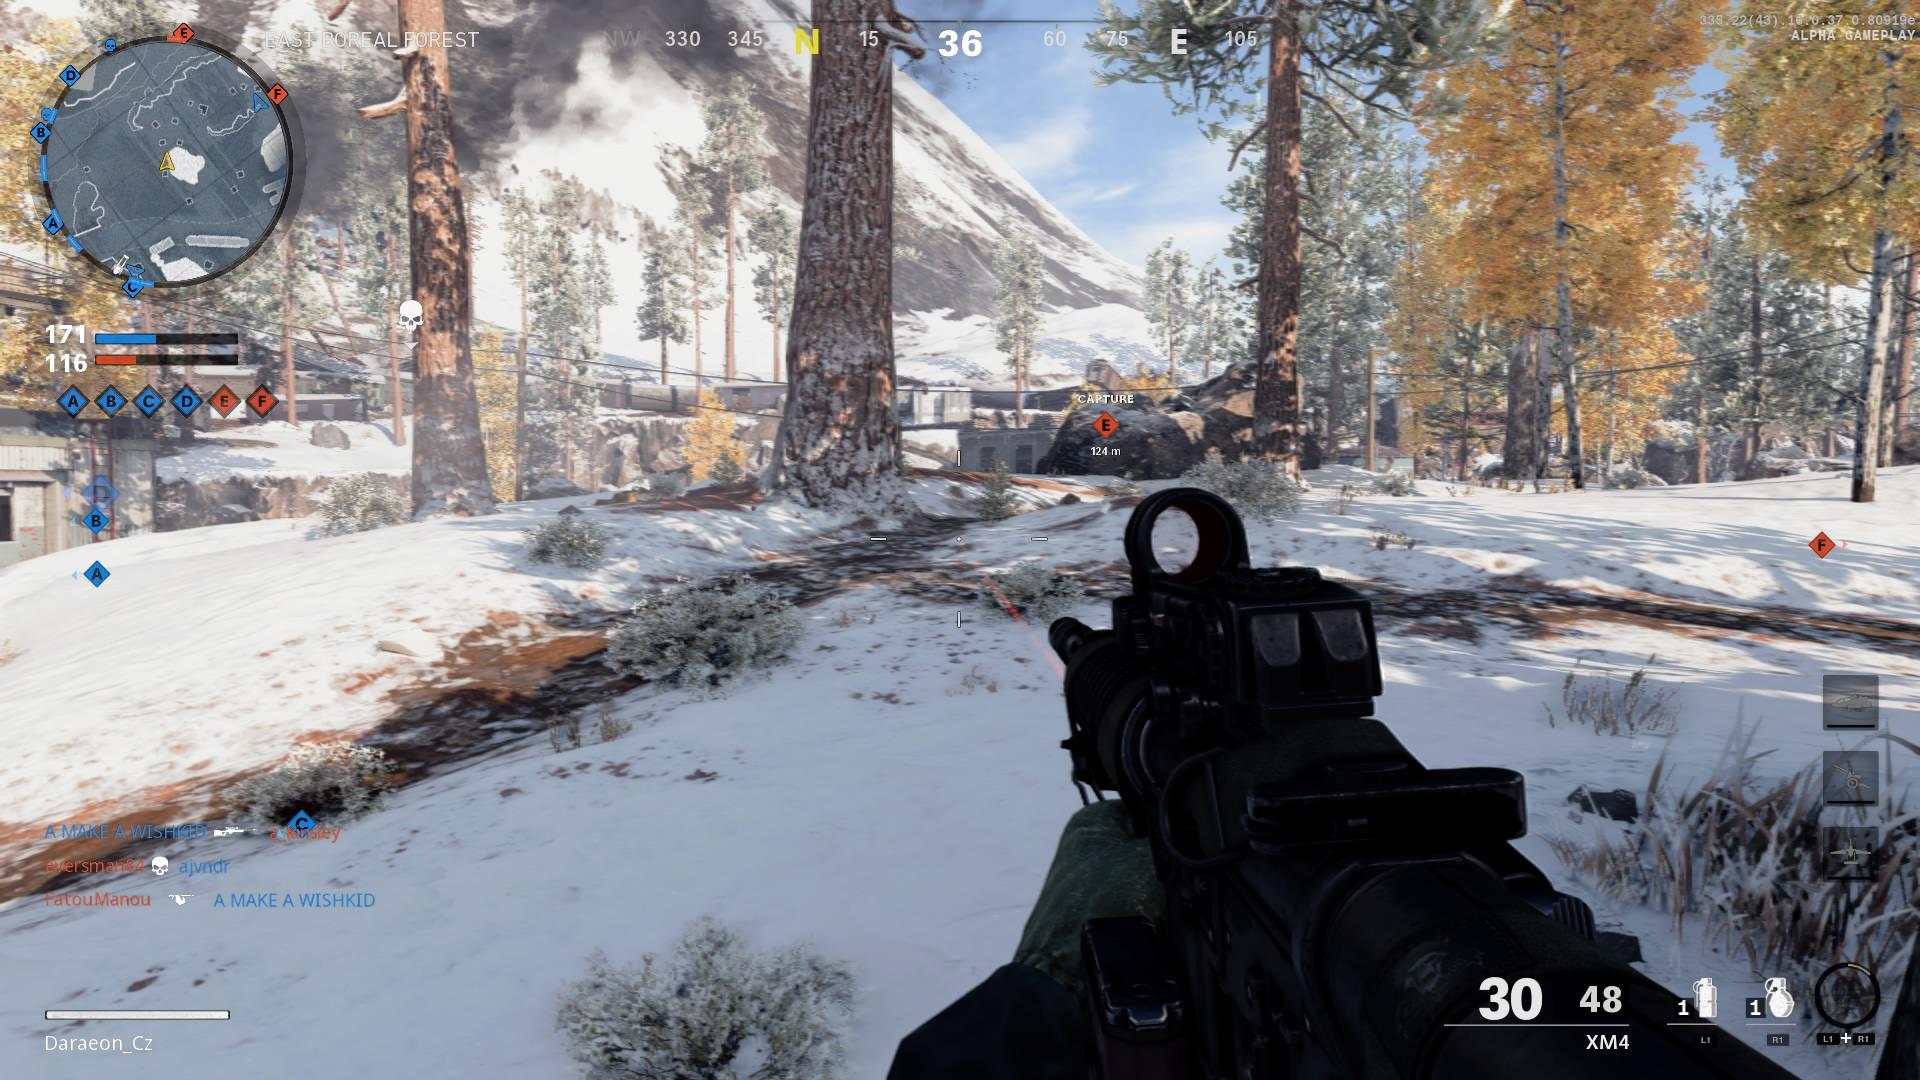 Dojmy z hraní - Call of Duty: Black Ops Cold War Call of Duty®  Black Ops Cold War Alpha 20200919105421